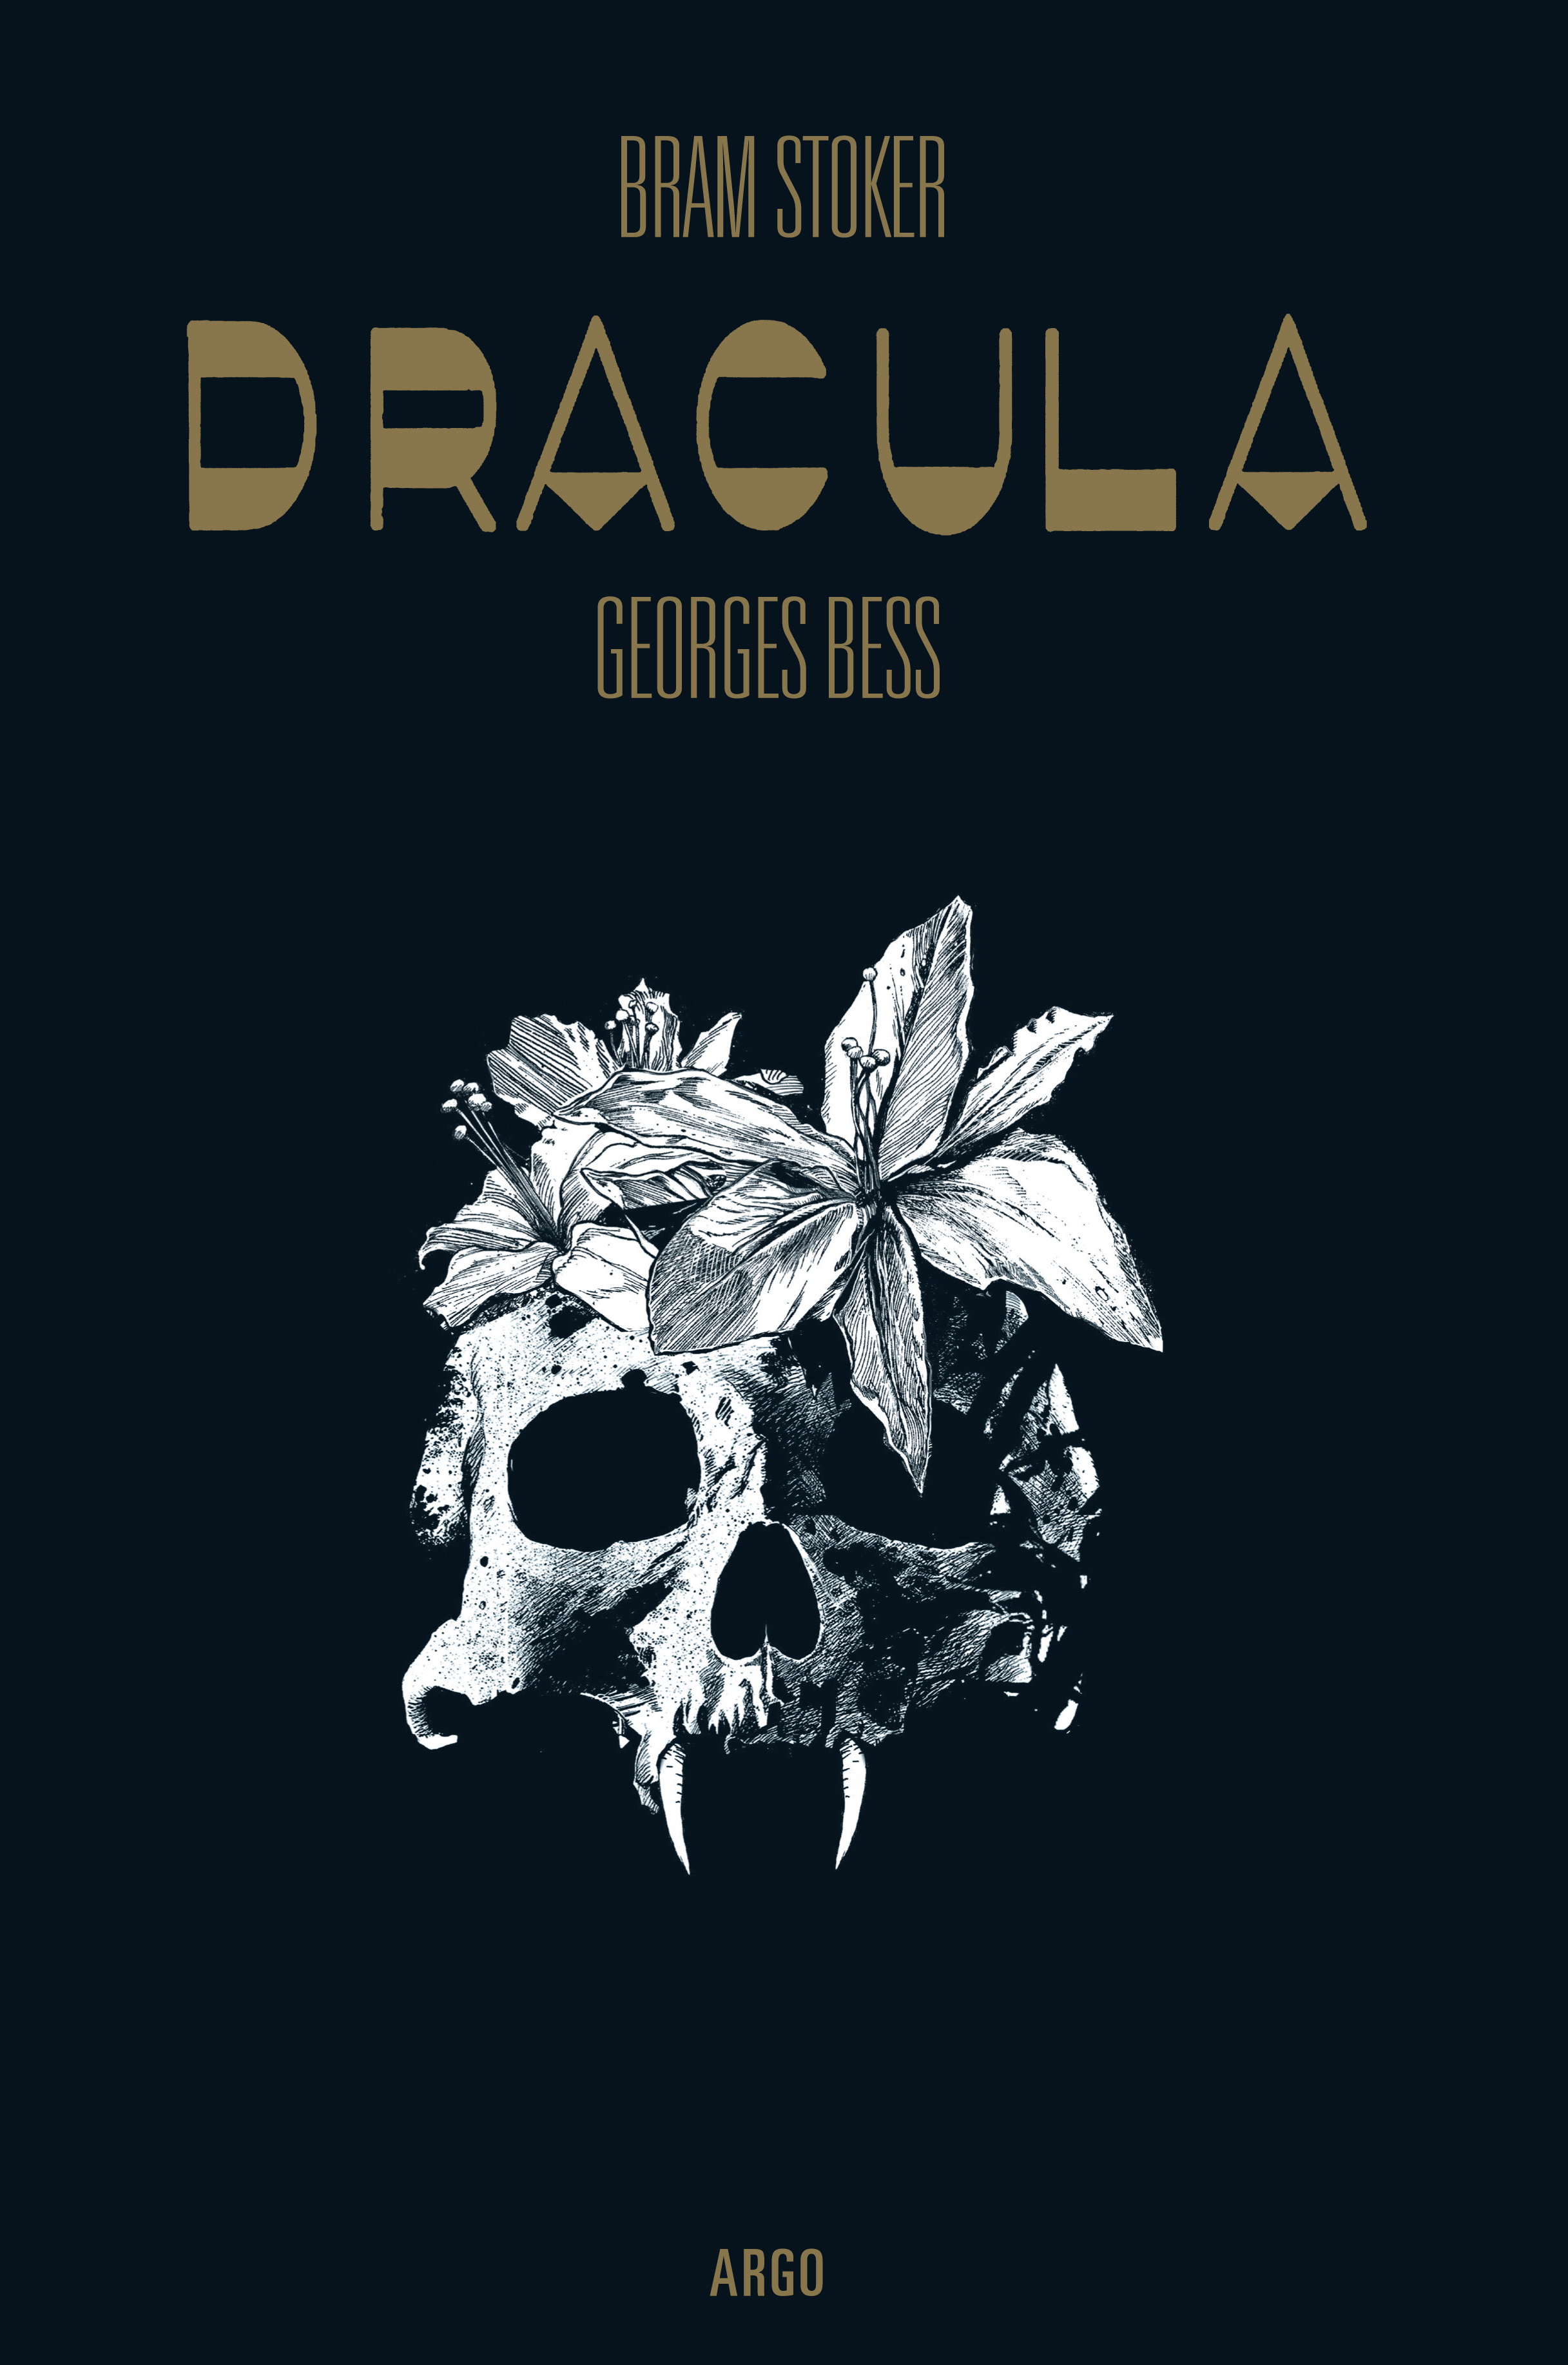 Dracula_obalka2_fin-1_web